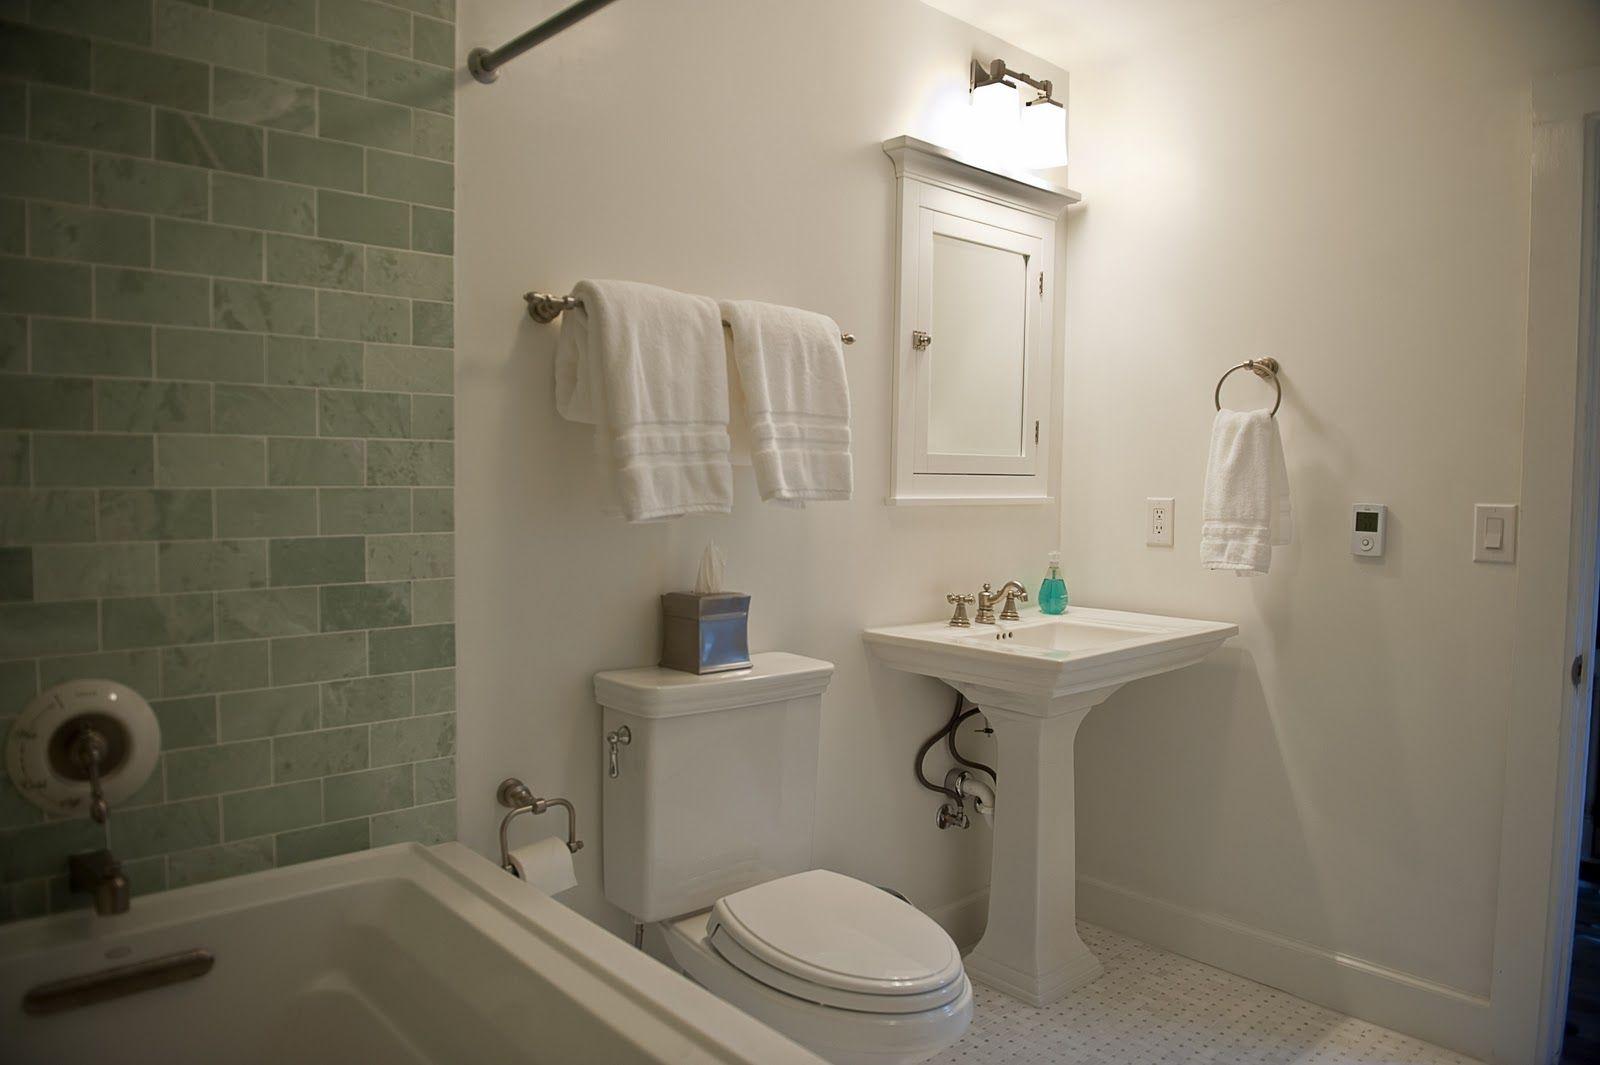 Kohler Memoirs pedestal sink and Toto Promenade toilet | Bathroom ...